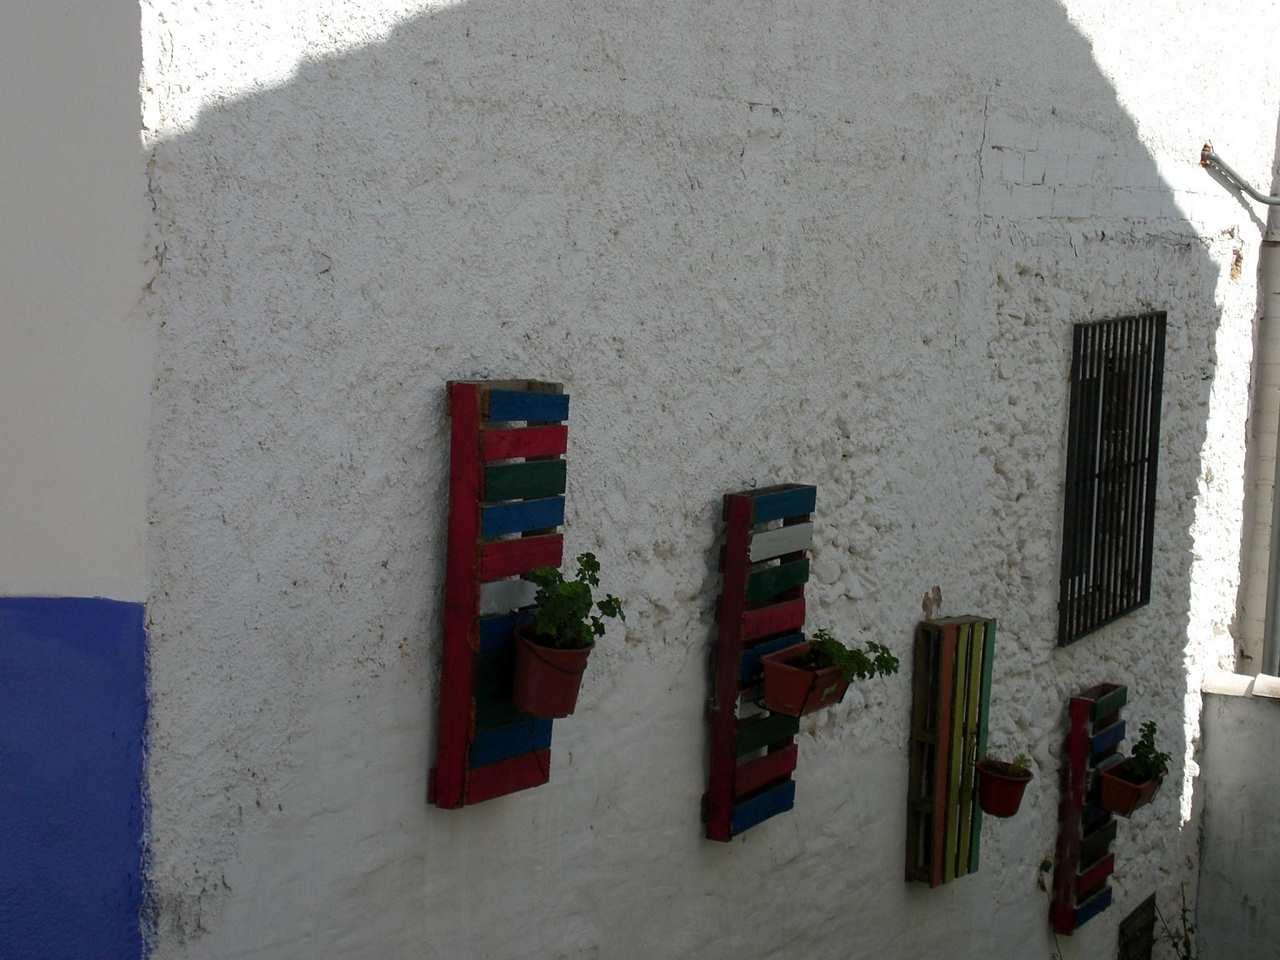 Casas vacacionales Prados de Armijo, Jaén